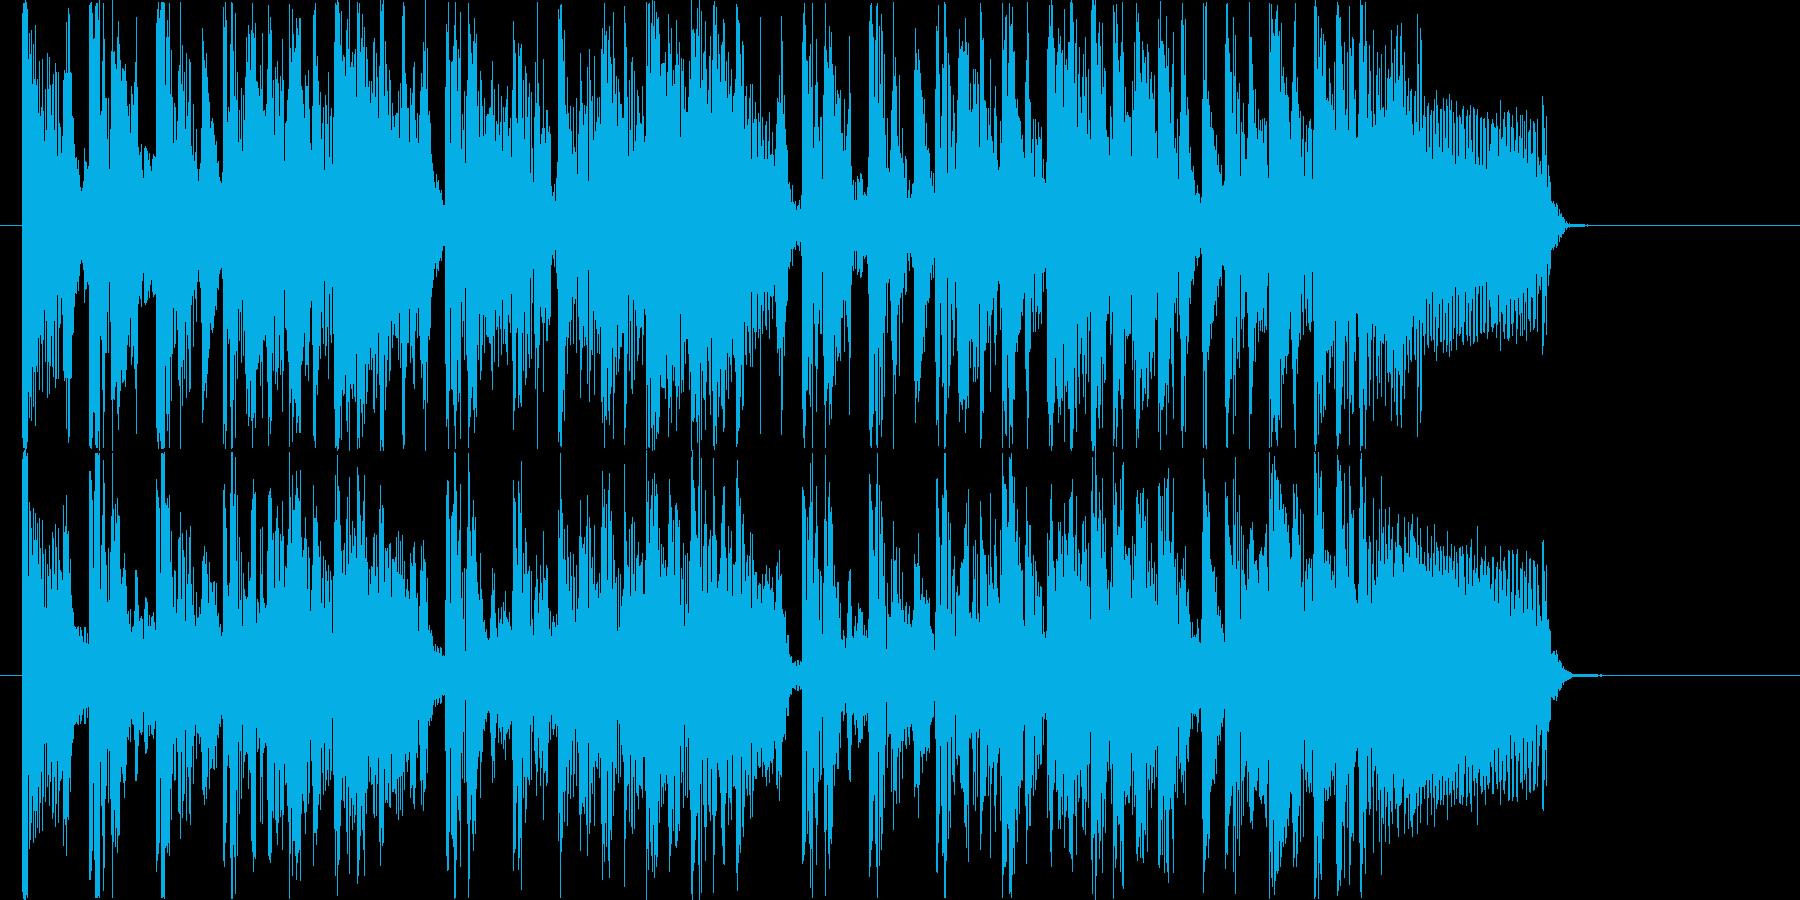 クール!グルーヴィ!ファンク!の再生済みの波形